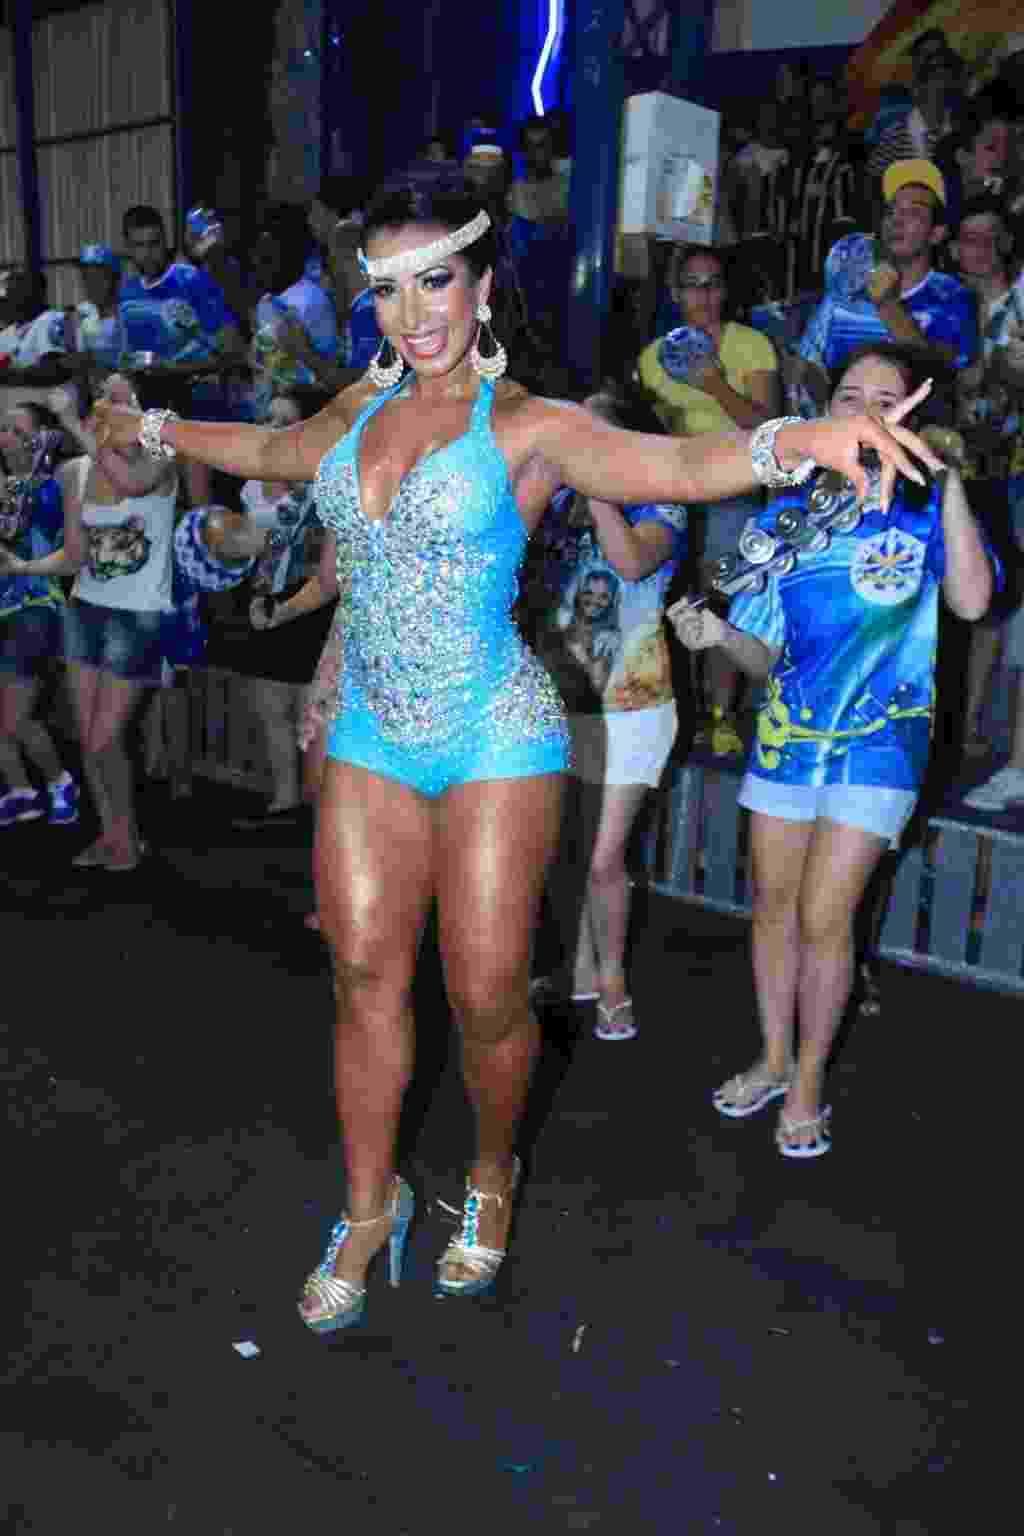 23.fev.2014 - Cinthia Souza usa body azul com pedras no último ensaio da Águia de Ouro - Agnews